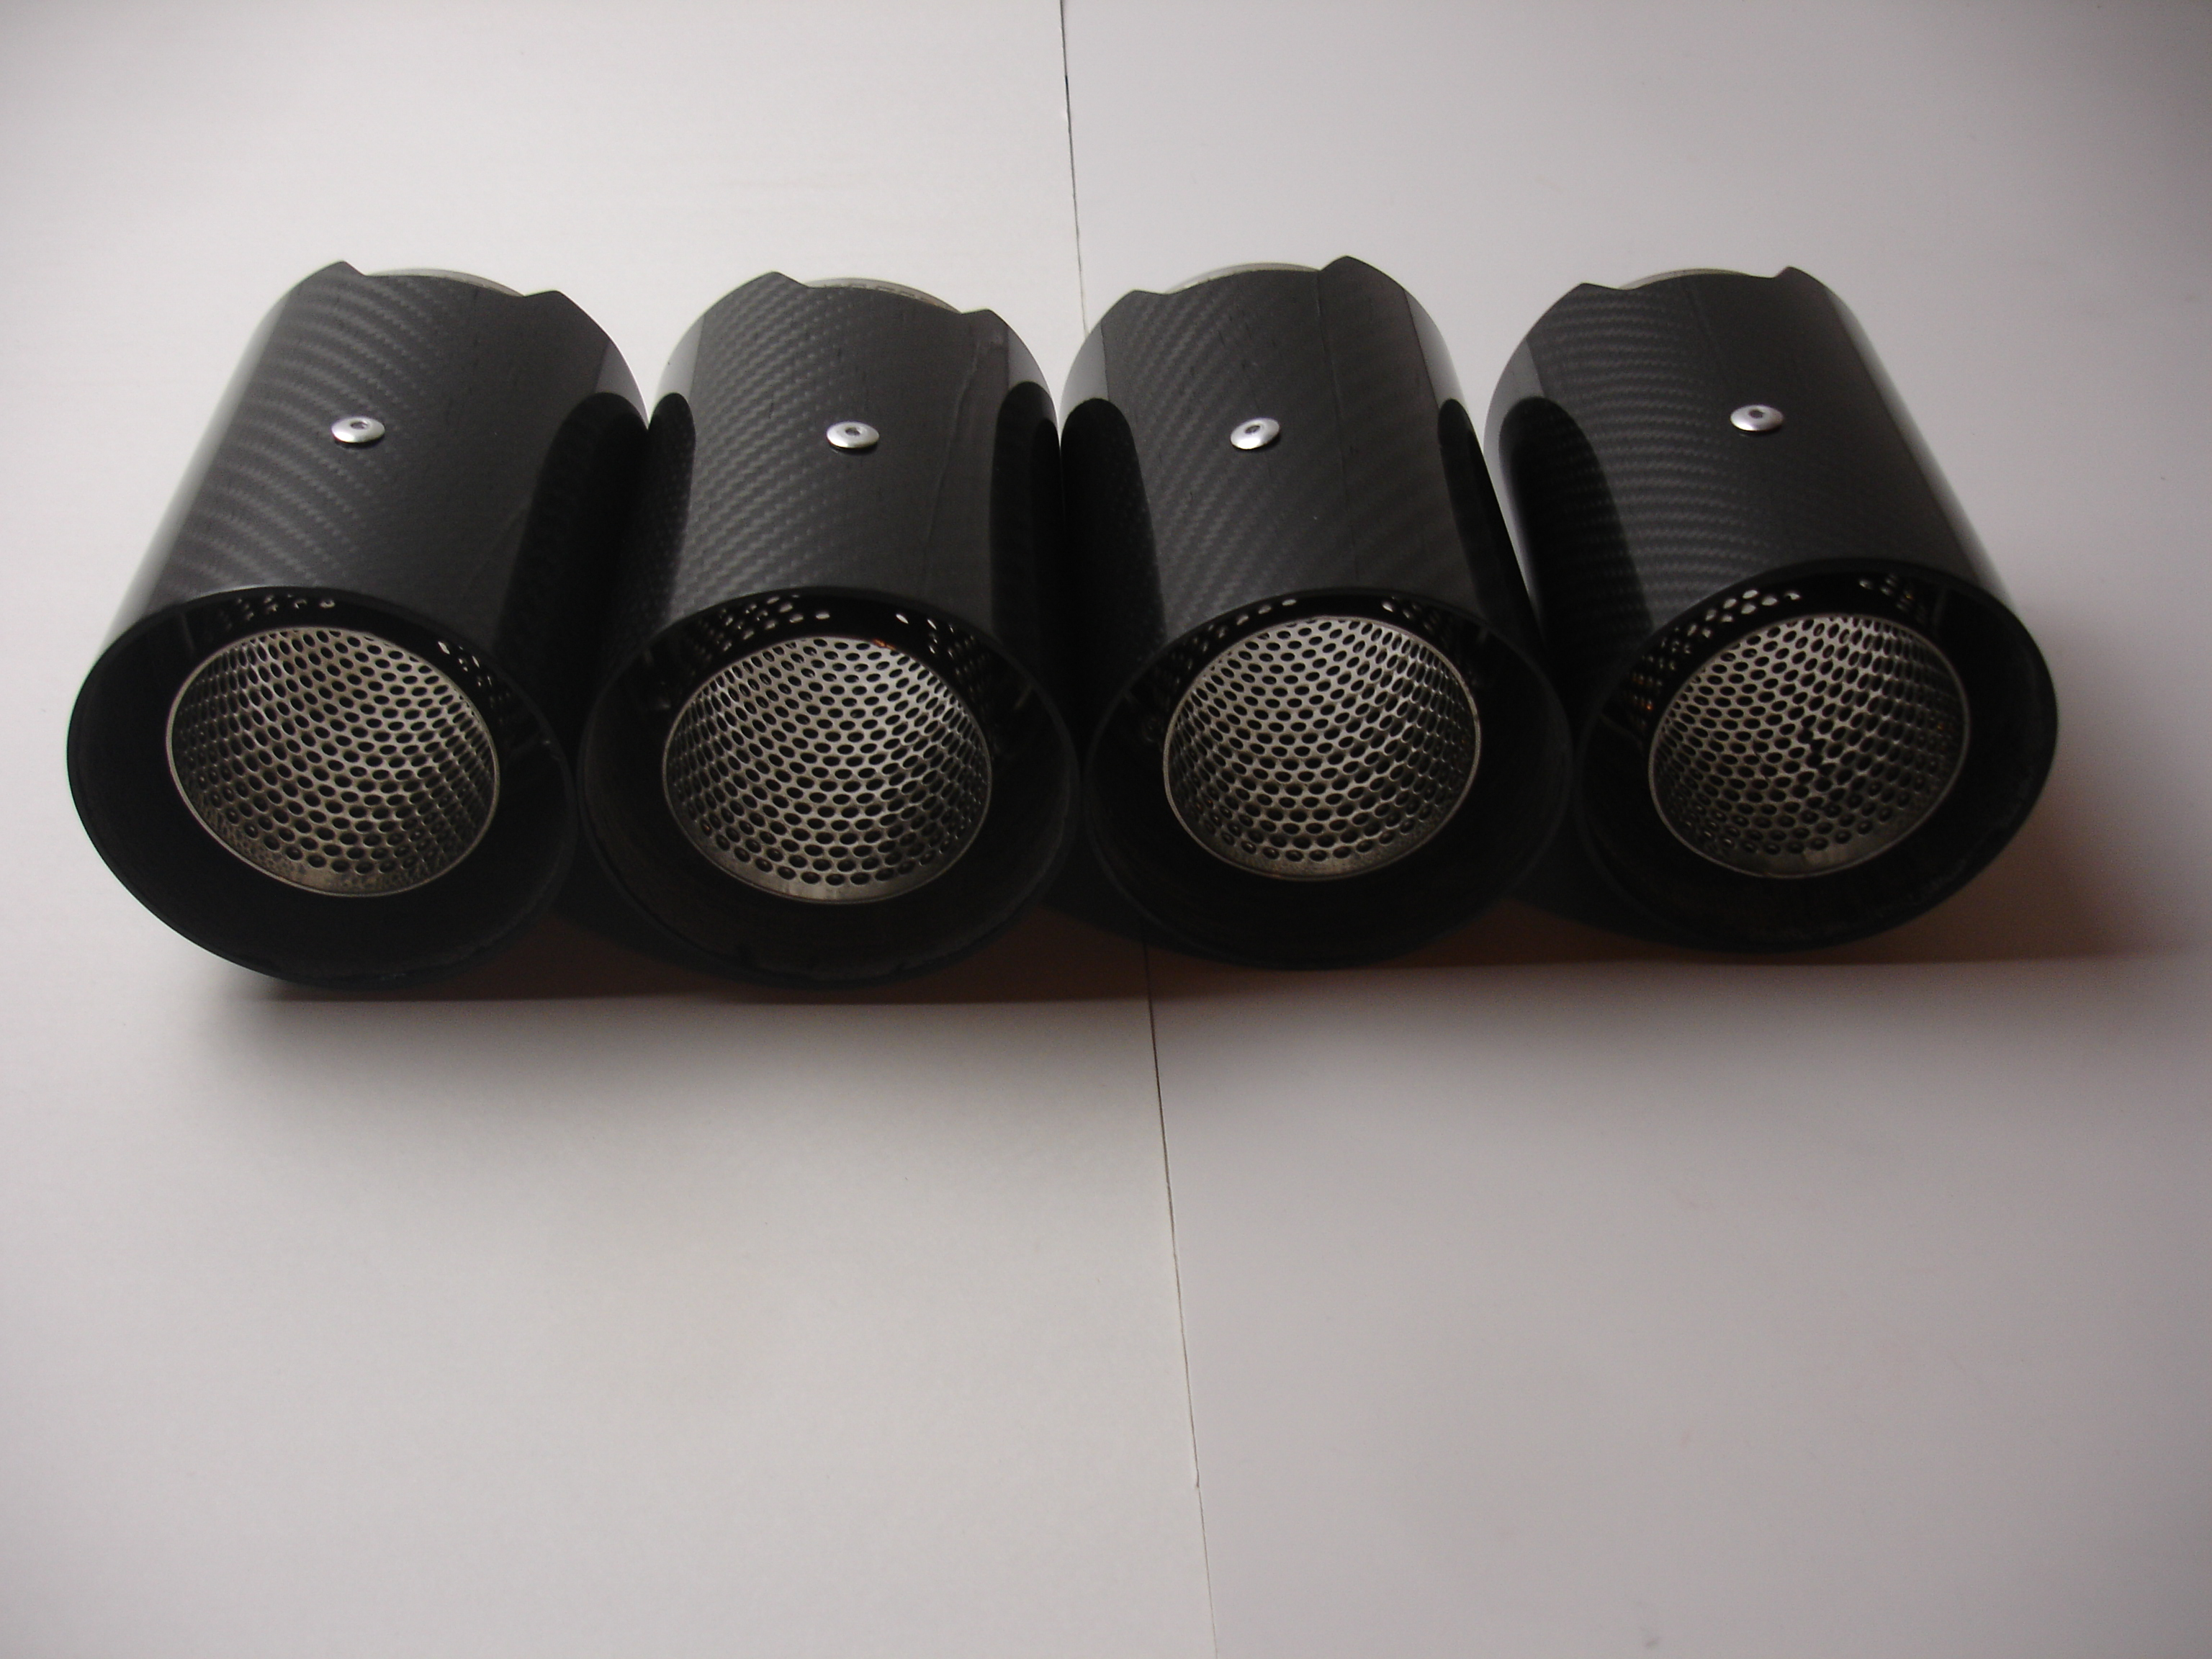 BMW M1 M2 M3 M4 M5 M6 Carbon Fiber Exhaust tip's (4) 1 2 3 4 5 6 7 8 Series